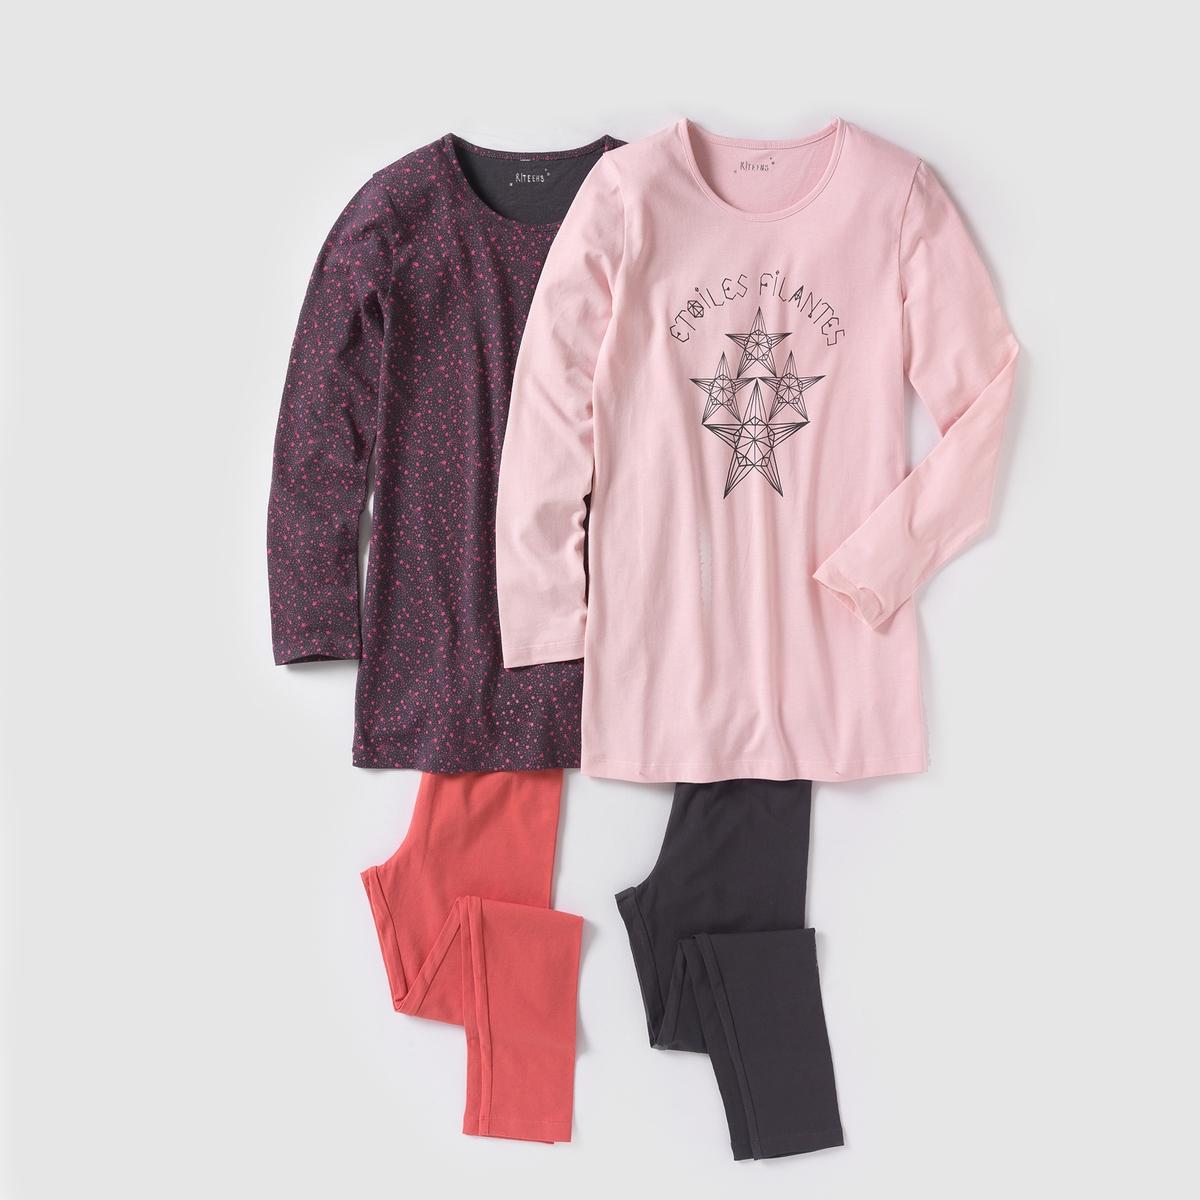 2 пижамы-ночная рубашка и леггинсы 10-16 летПижама состоит из ночной рубашки с длинными рукавами и леггинсов . Комплект из 2 пижам  : 1 ночная рубашка с рисунком падающие звезды спереди + 1 ночная рубашка с принтом звезды. Однотонные леггинсы с эластичным поясом. Состав и описание : Материал     Ночная рубашка из джерси 100% хлопок  леггинсы из трикотажа стрейч 95% хлопка, 5% эластана Марка: R ?dition.  Уход :- Машинная стирка при 30°C с вещами схожих цветов.Стирать и гладить с изнаночной стороны.Машинная сушка в умеренном режиме.Гладить при умеренной температуре.<br><br>Цвет: розовый/ серый